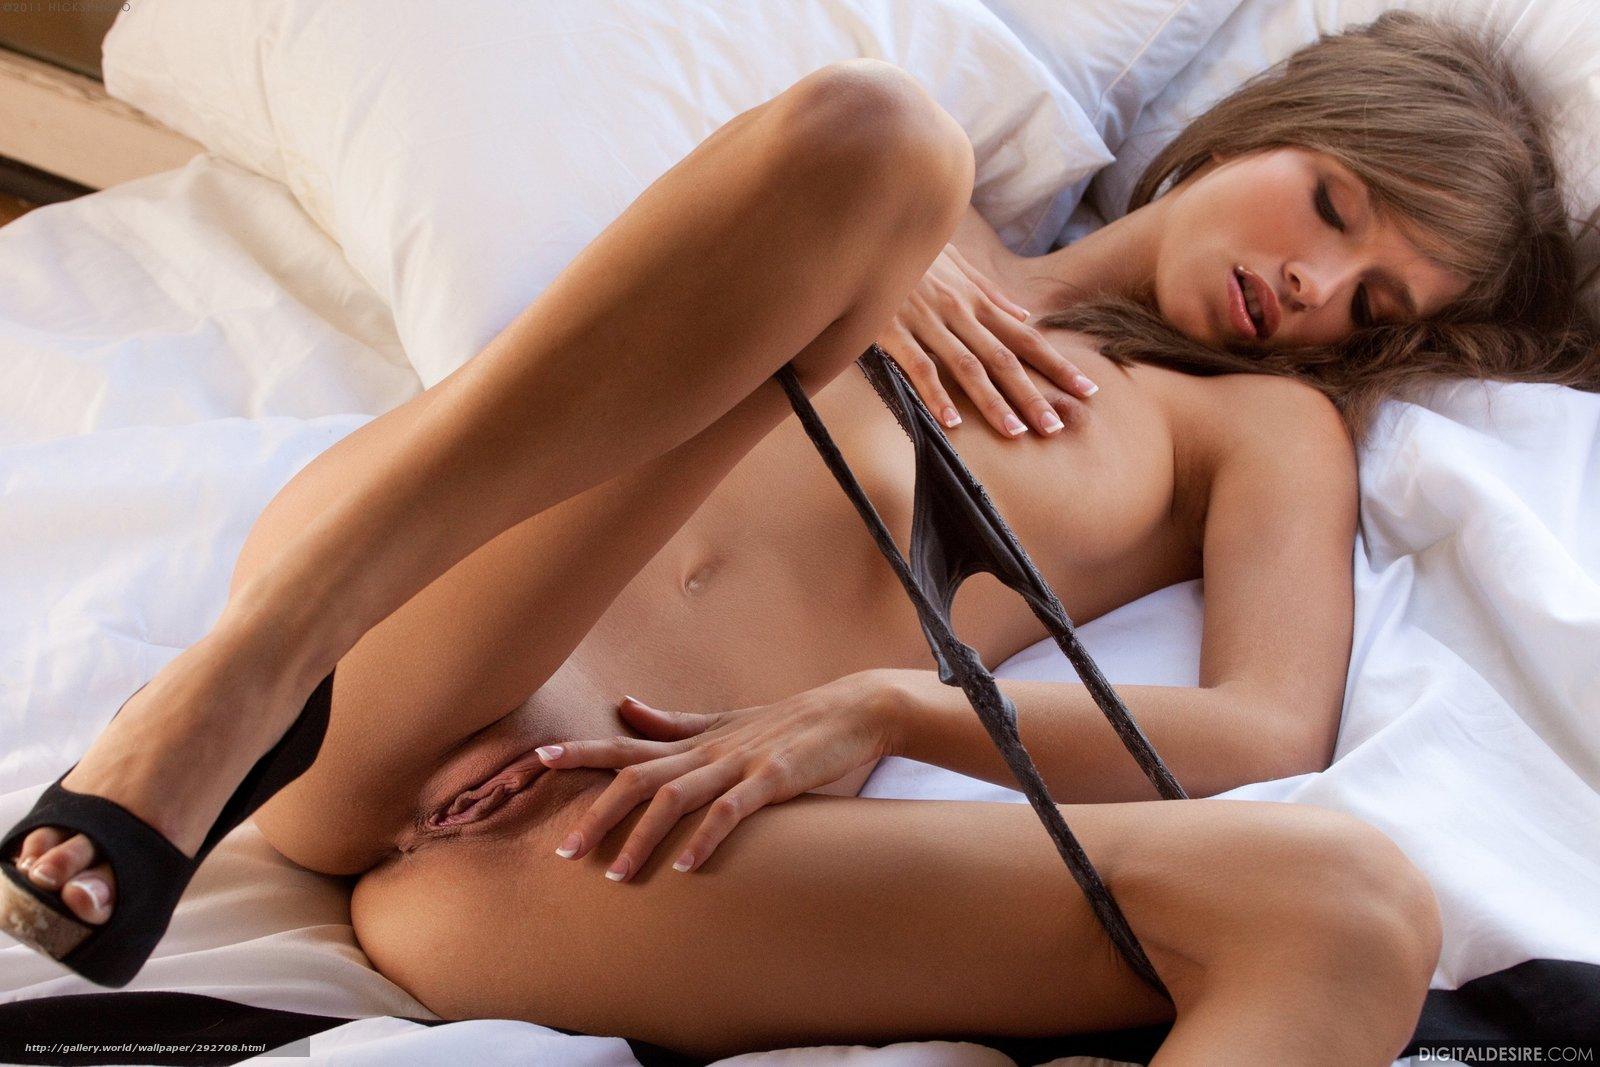 golie-devushki-porno-seks-erotika